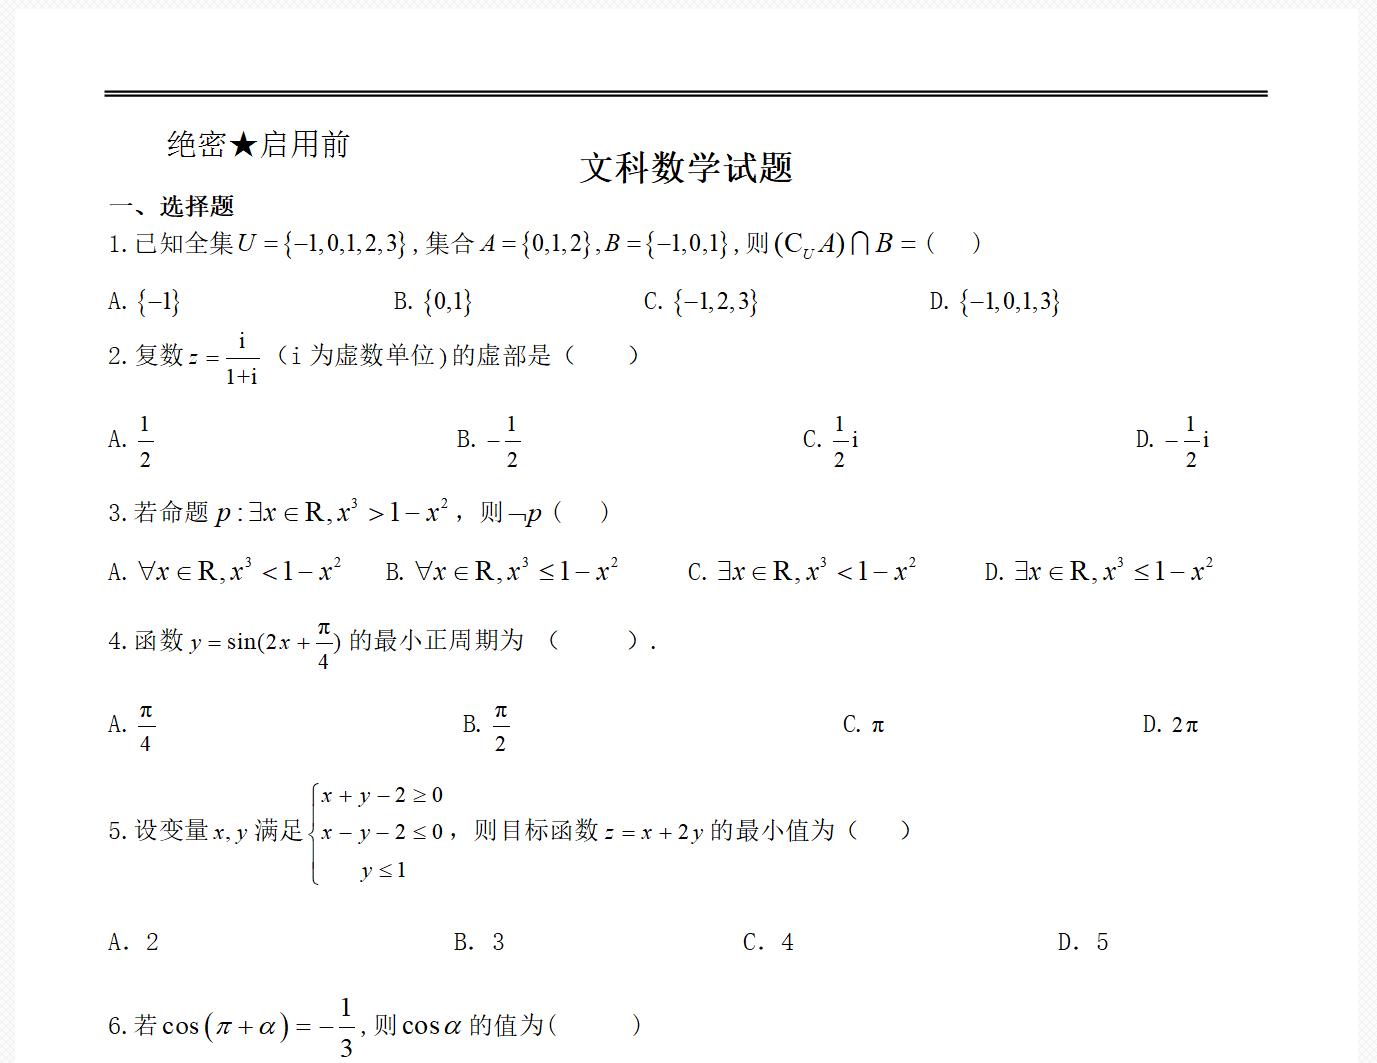 图3:完成对便笺的添加并进行预览